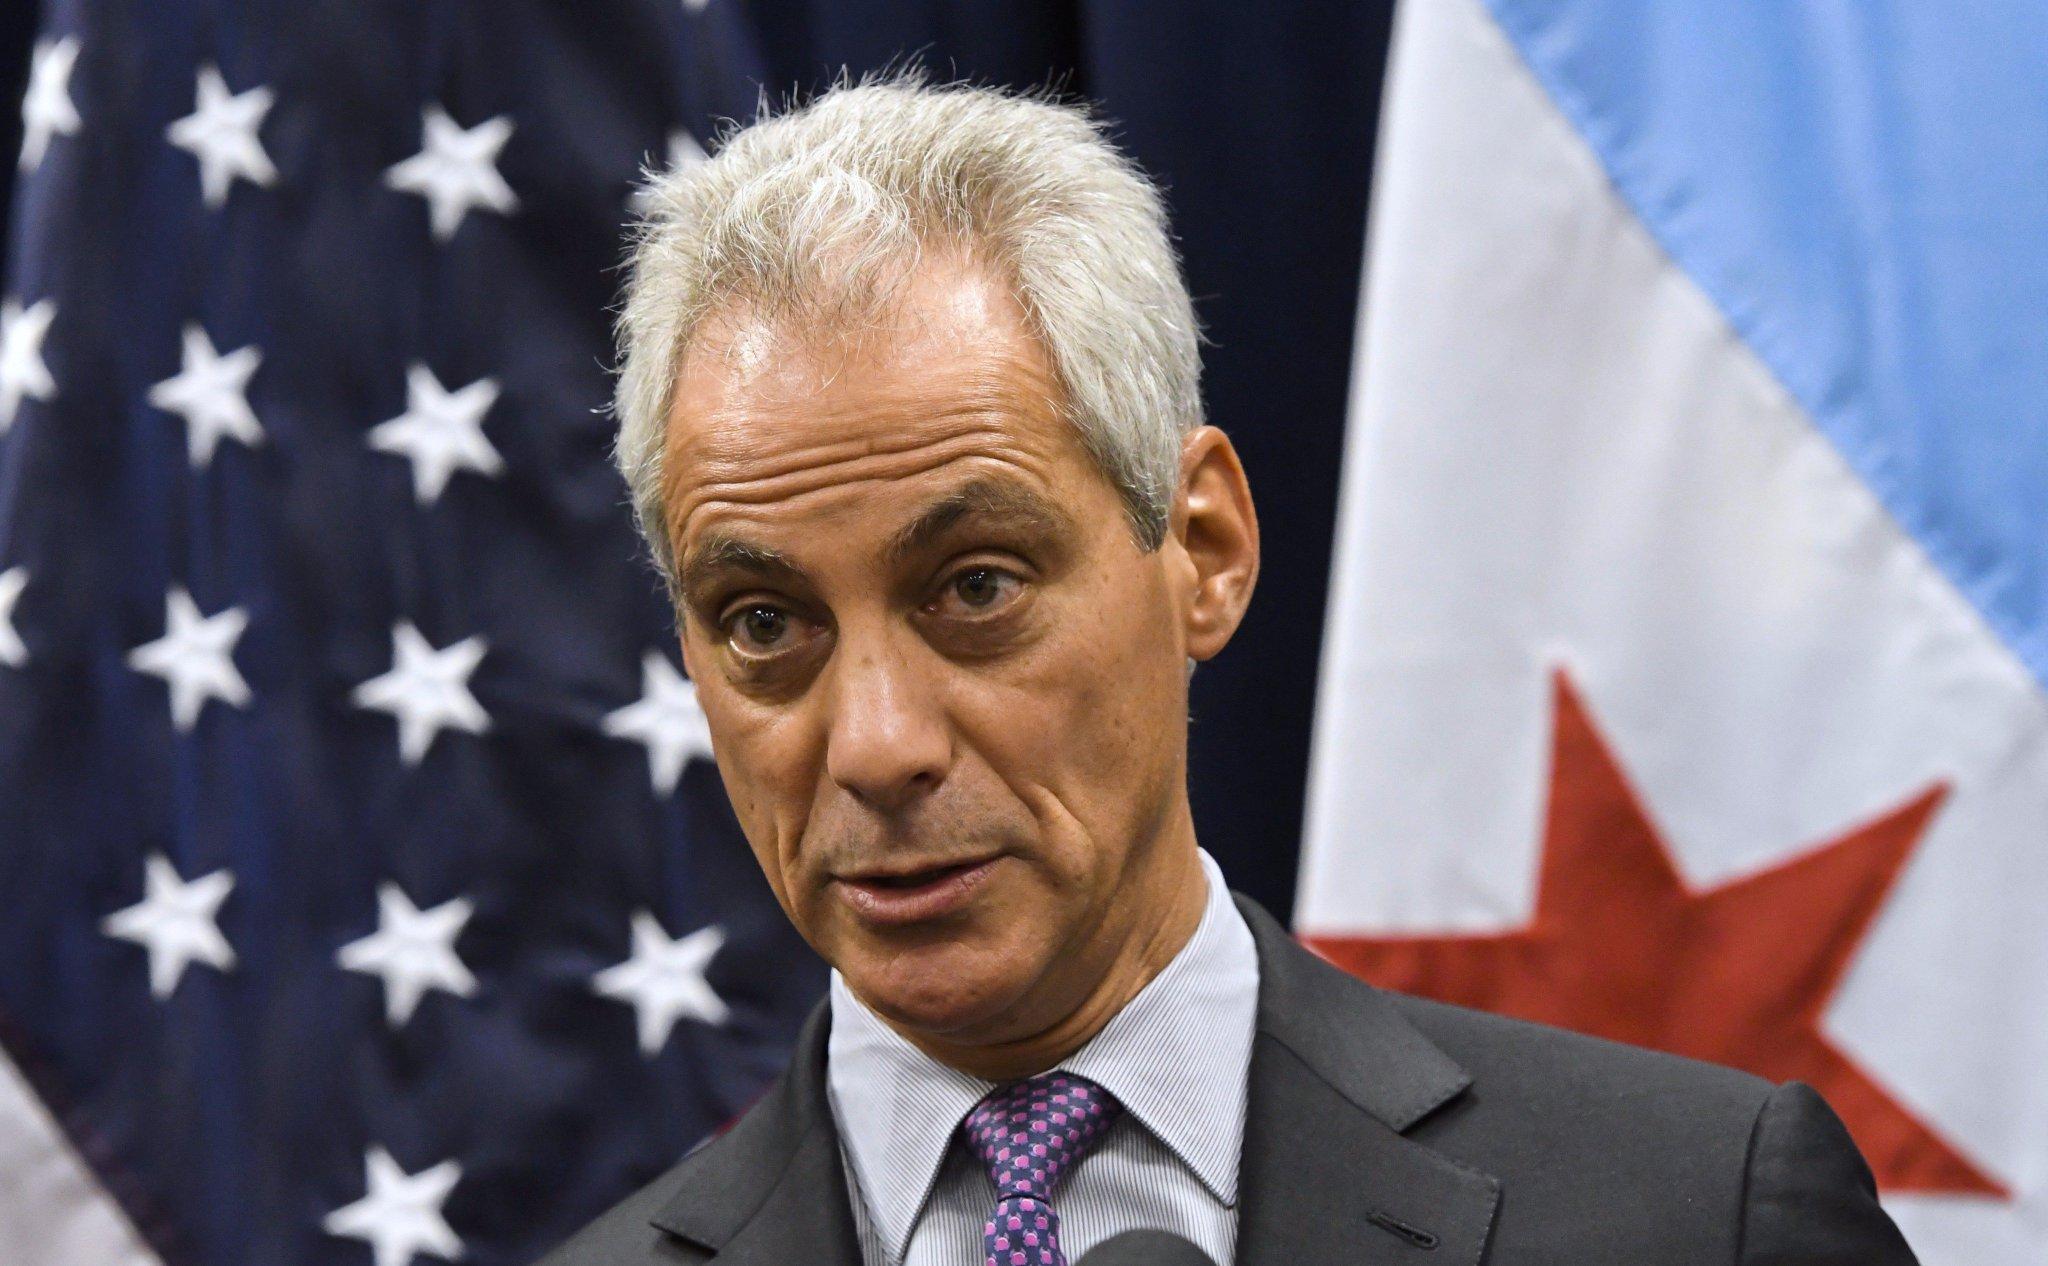 DOJ Slams Chicago Sanctuary City Lawsuit - https://t.co/FC7SVEkAIO #OANN #Chicago https://t.co/DfcpHYx0eB